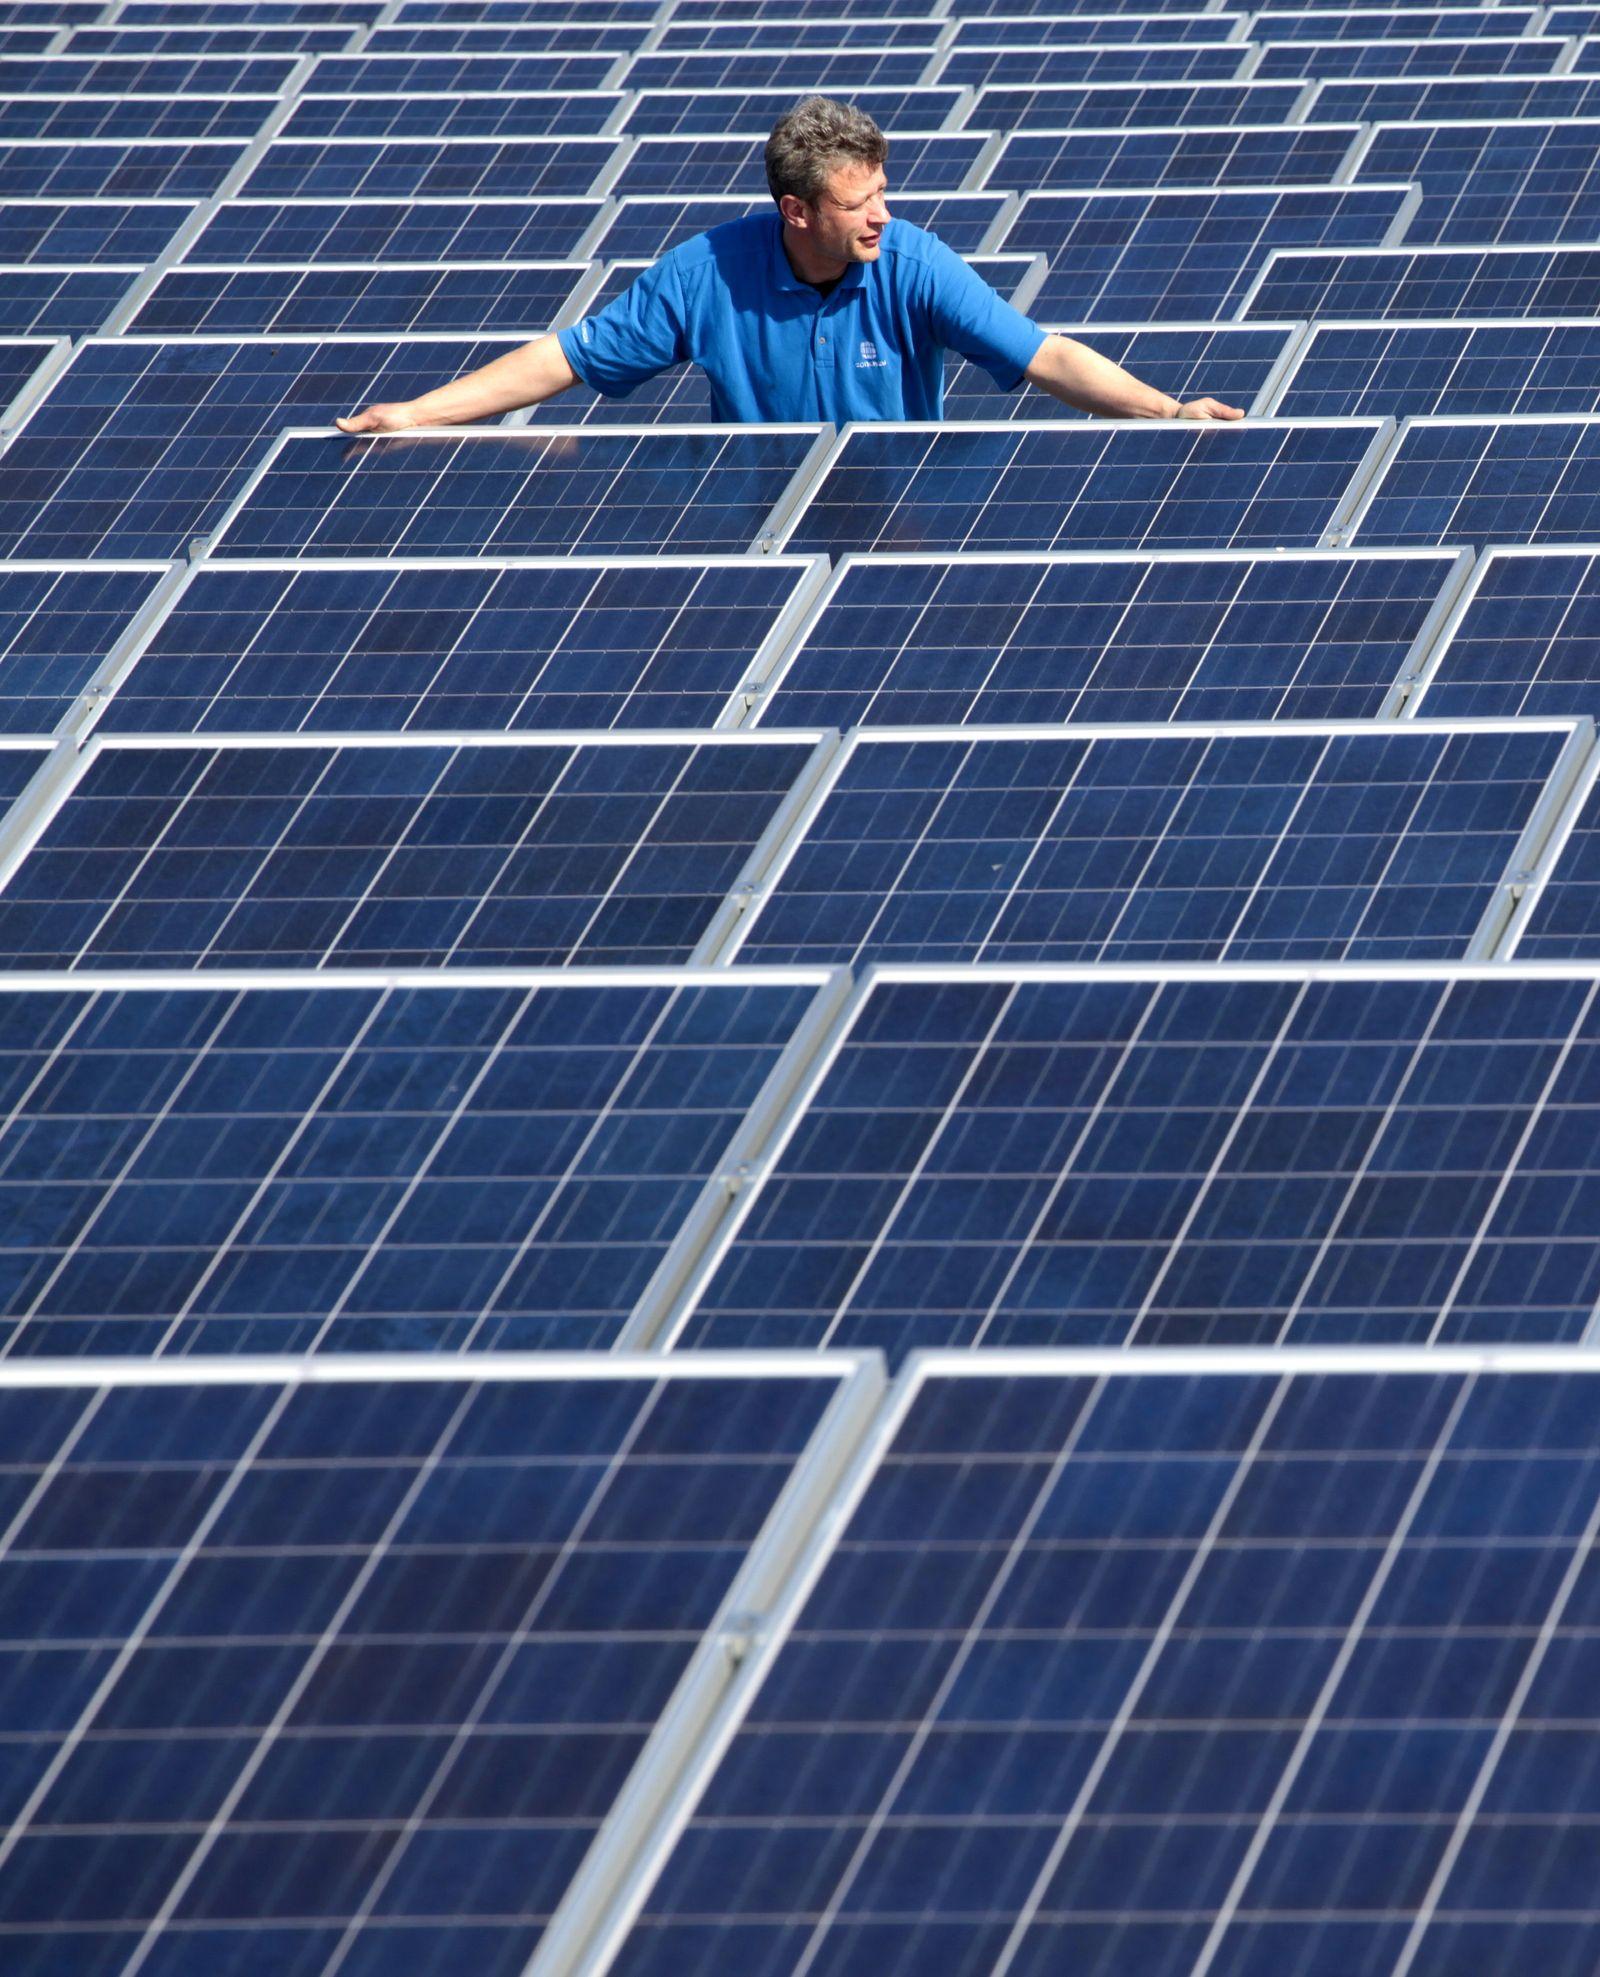 NICHT VERWENDEN Solar conergy